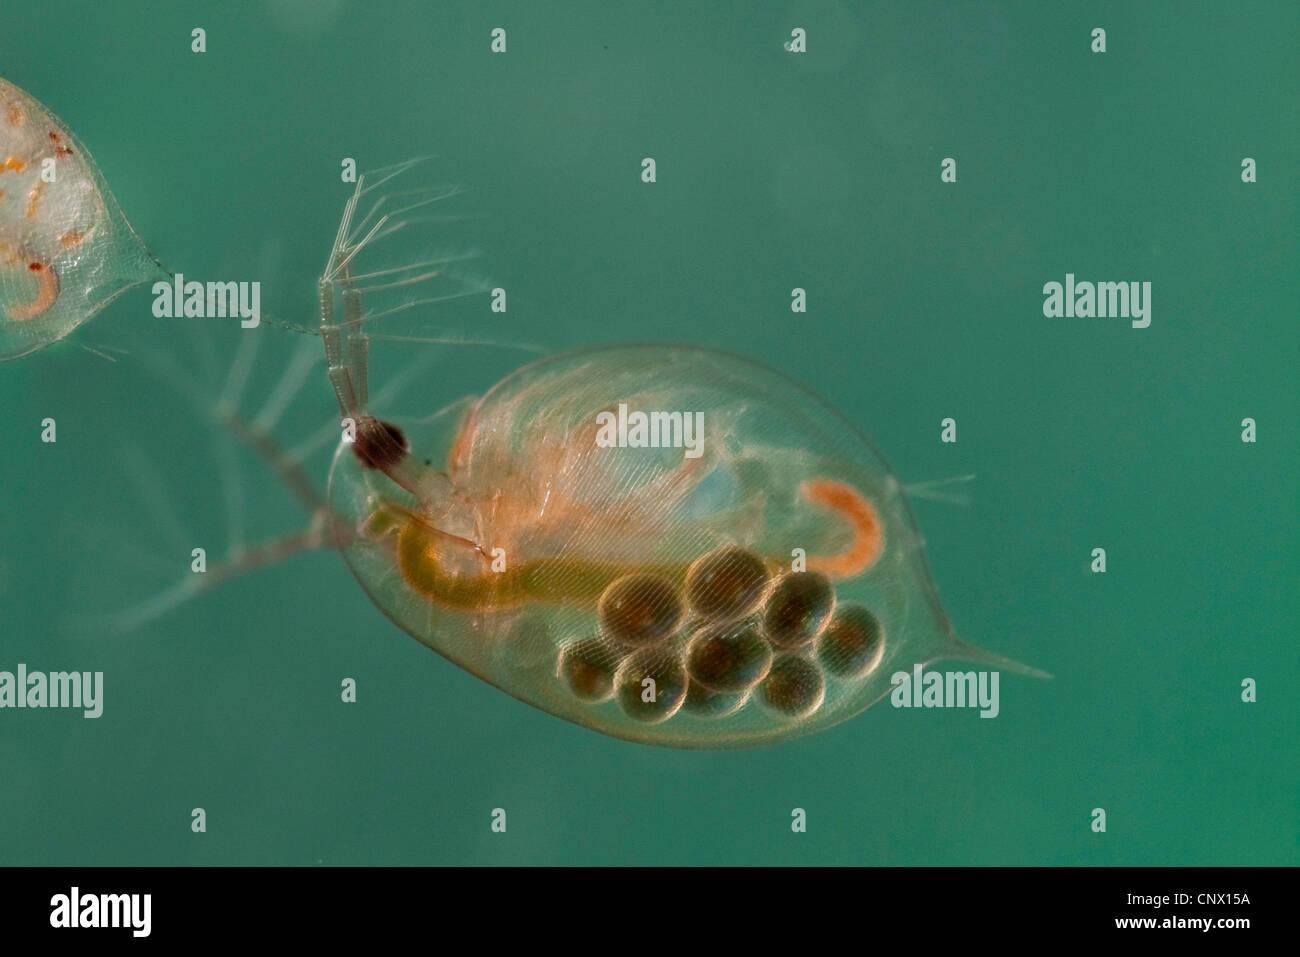 C8 Alamy Com Comp Cnx15a Common Water Flea Daphnia